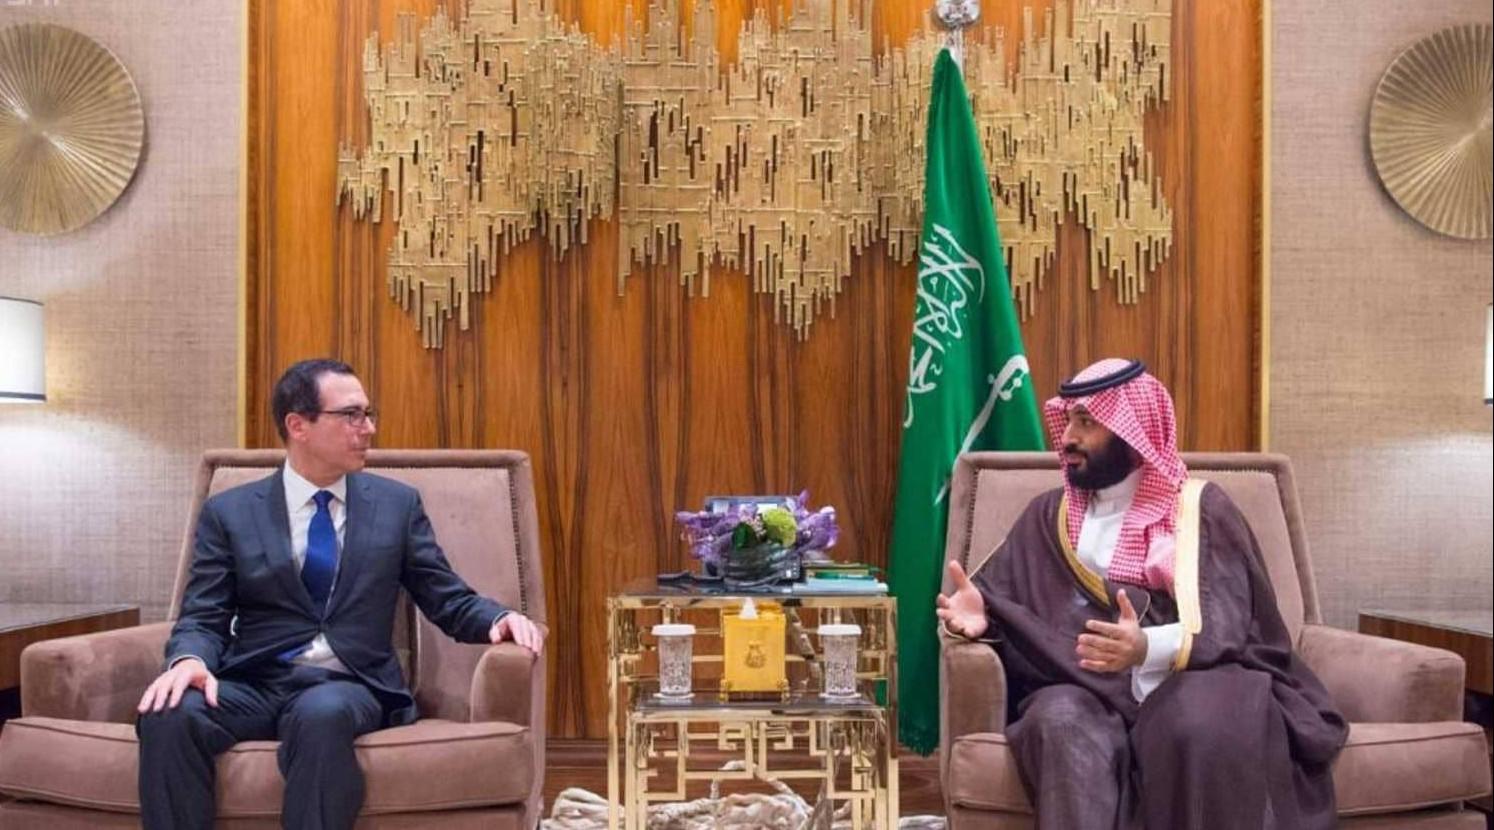 الأمير محمد بن سلمان و وزير الخزانة الأمريكي ستيفن منوشين